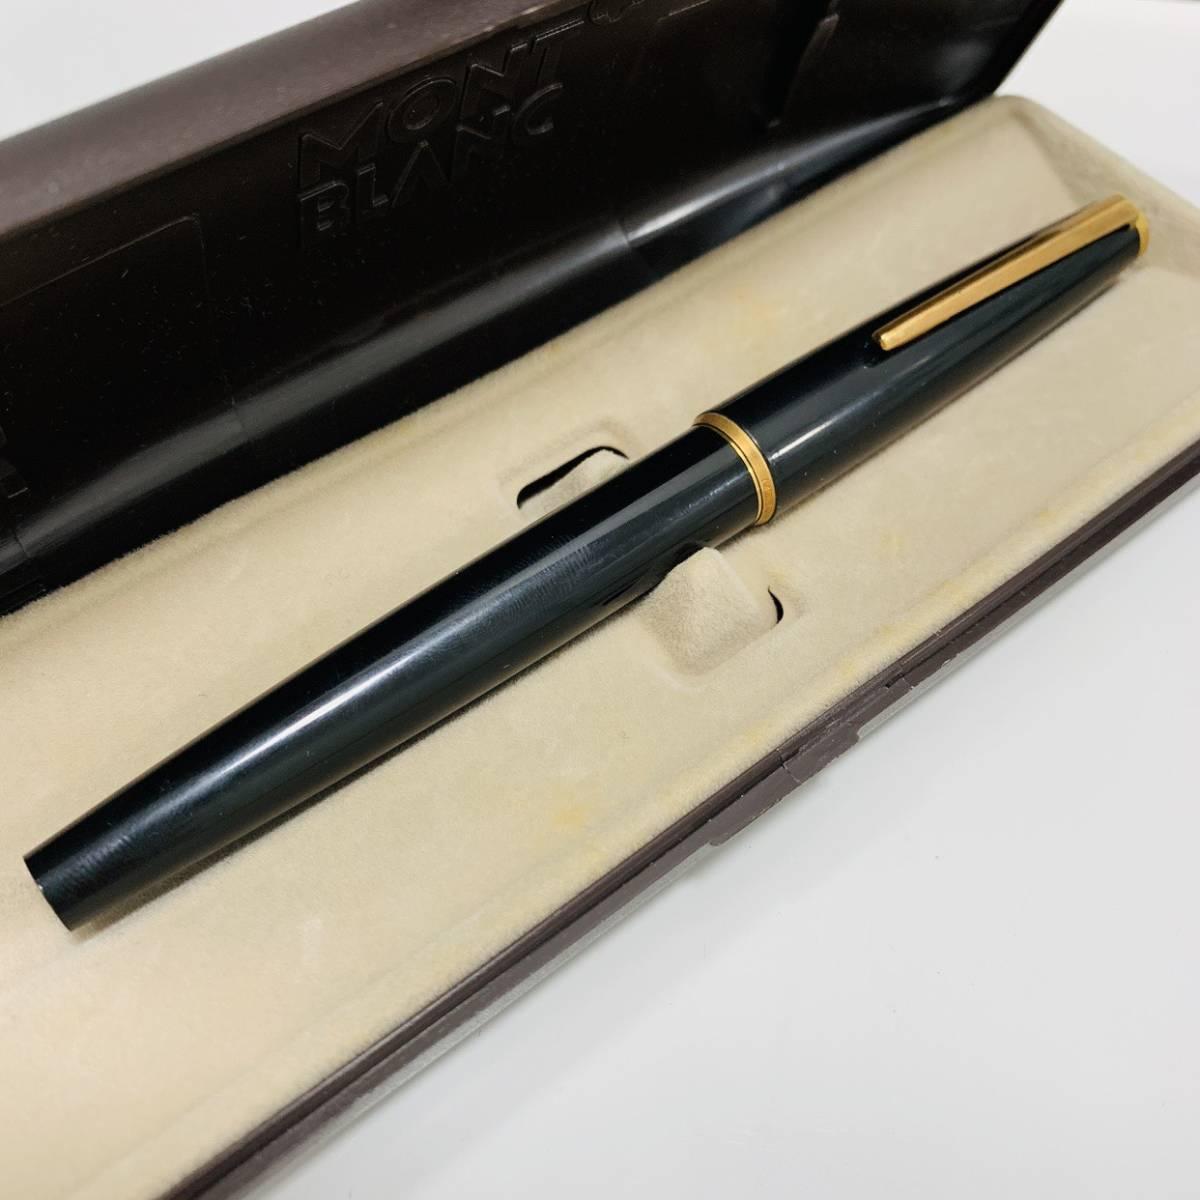 【3411】 高級 MONTBLANC モンブラン 万年筆 インクカートリッジ付き ジャイアントリフィール ボールペン用替芯付き_画像2